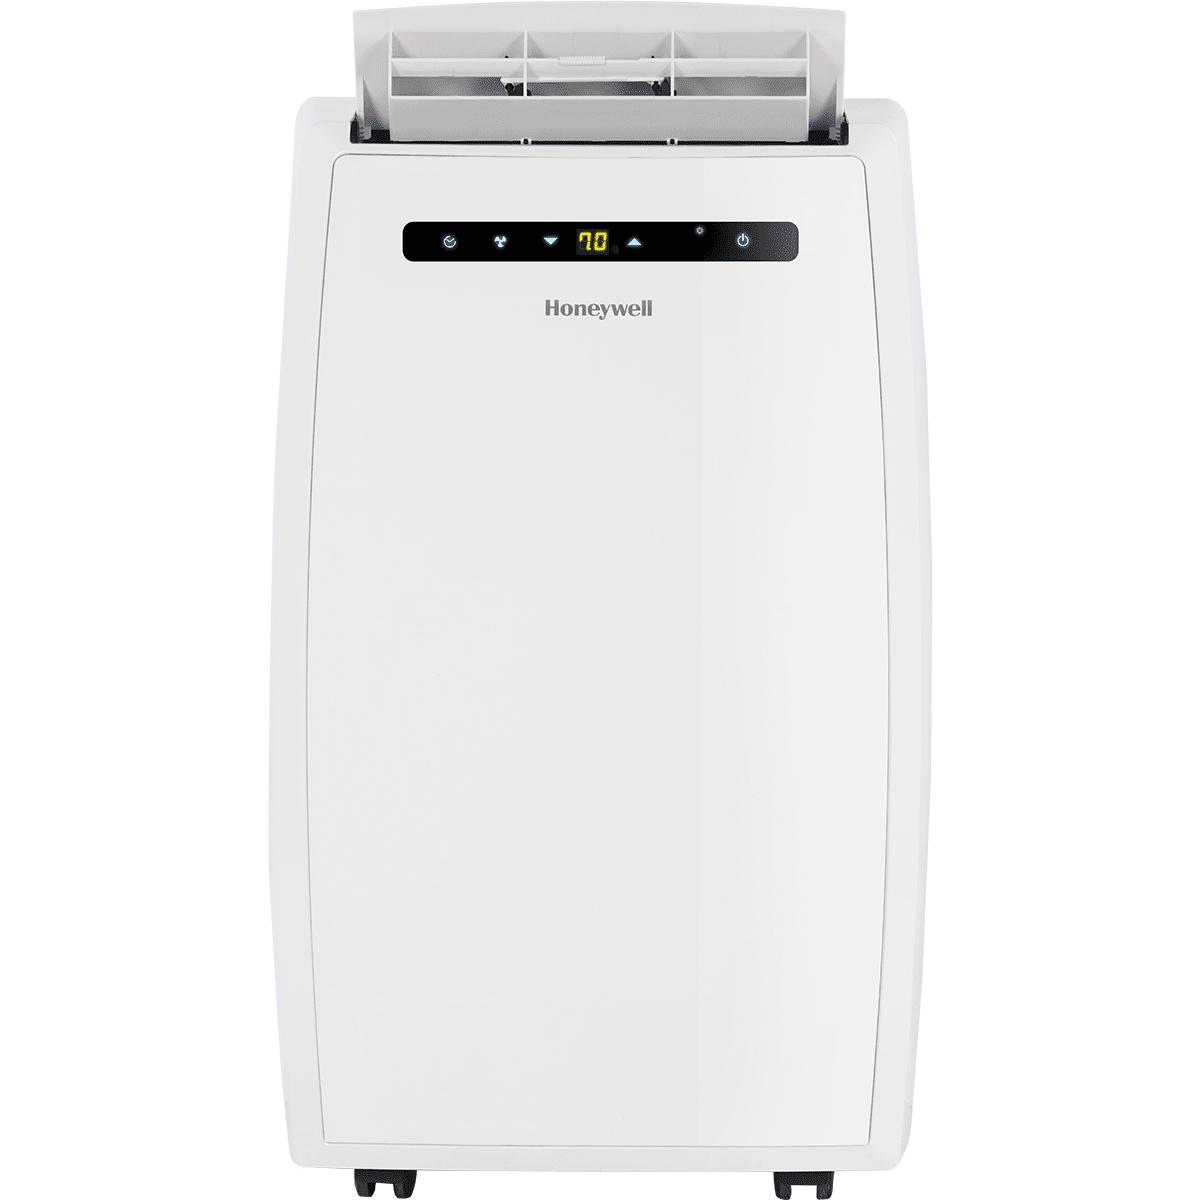 Honeywell 12,000 BTU Portable Air Conditioner Dual Hose